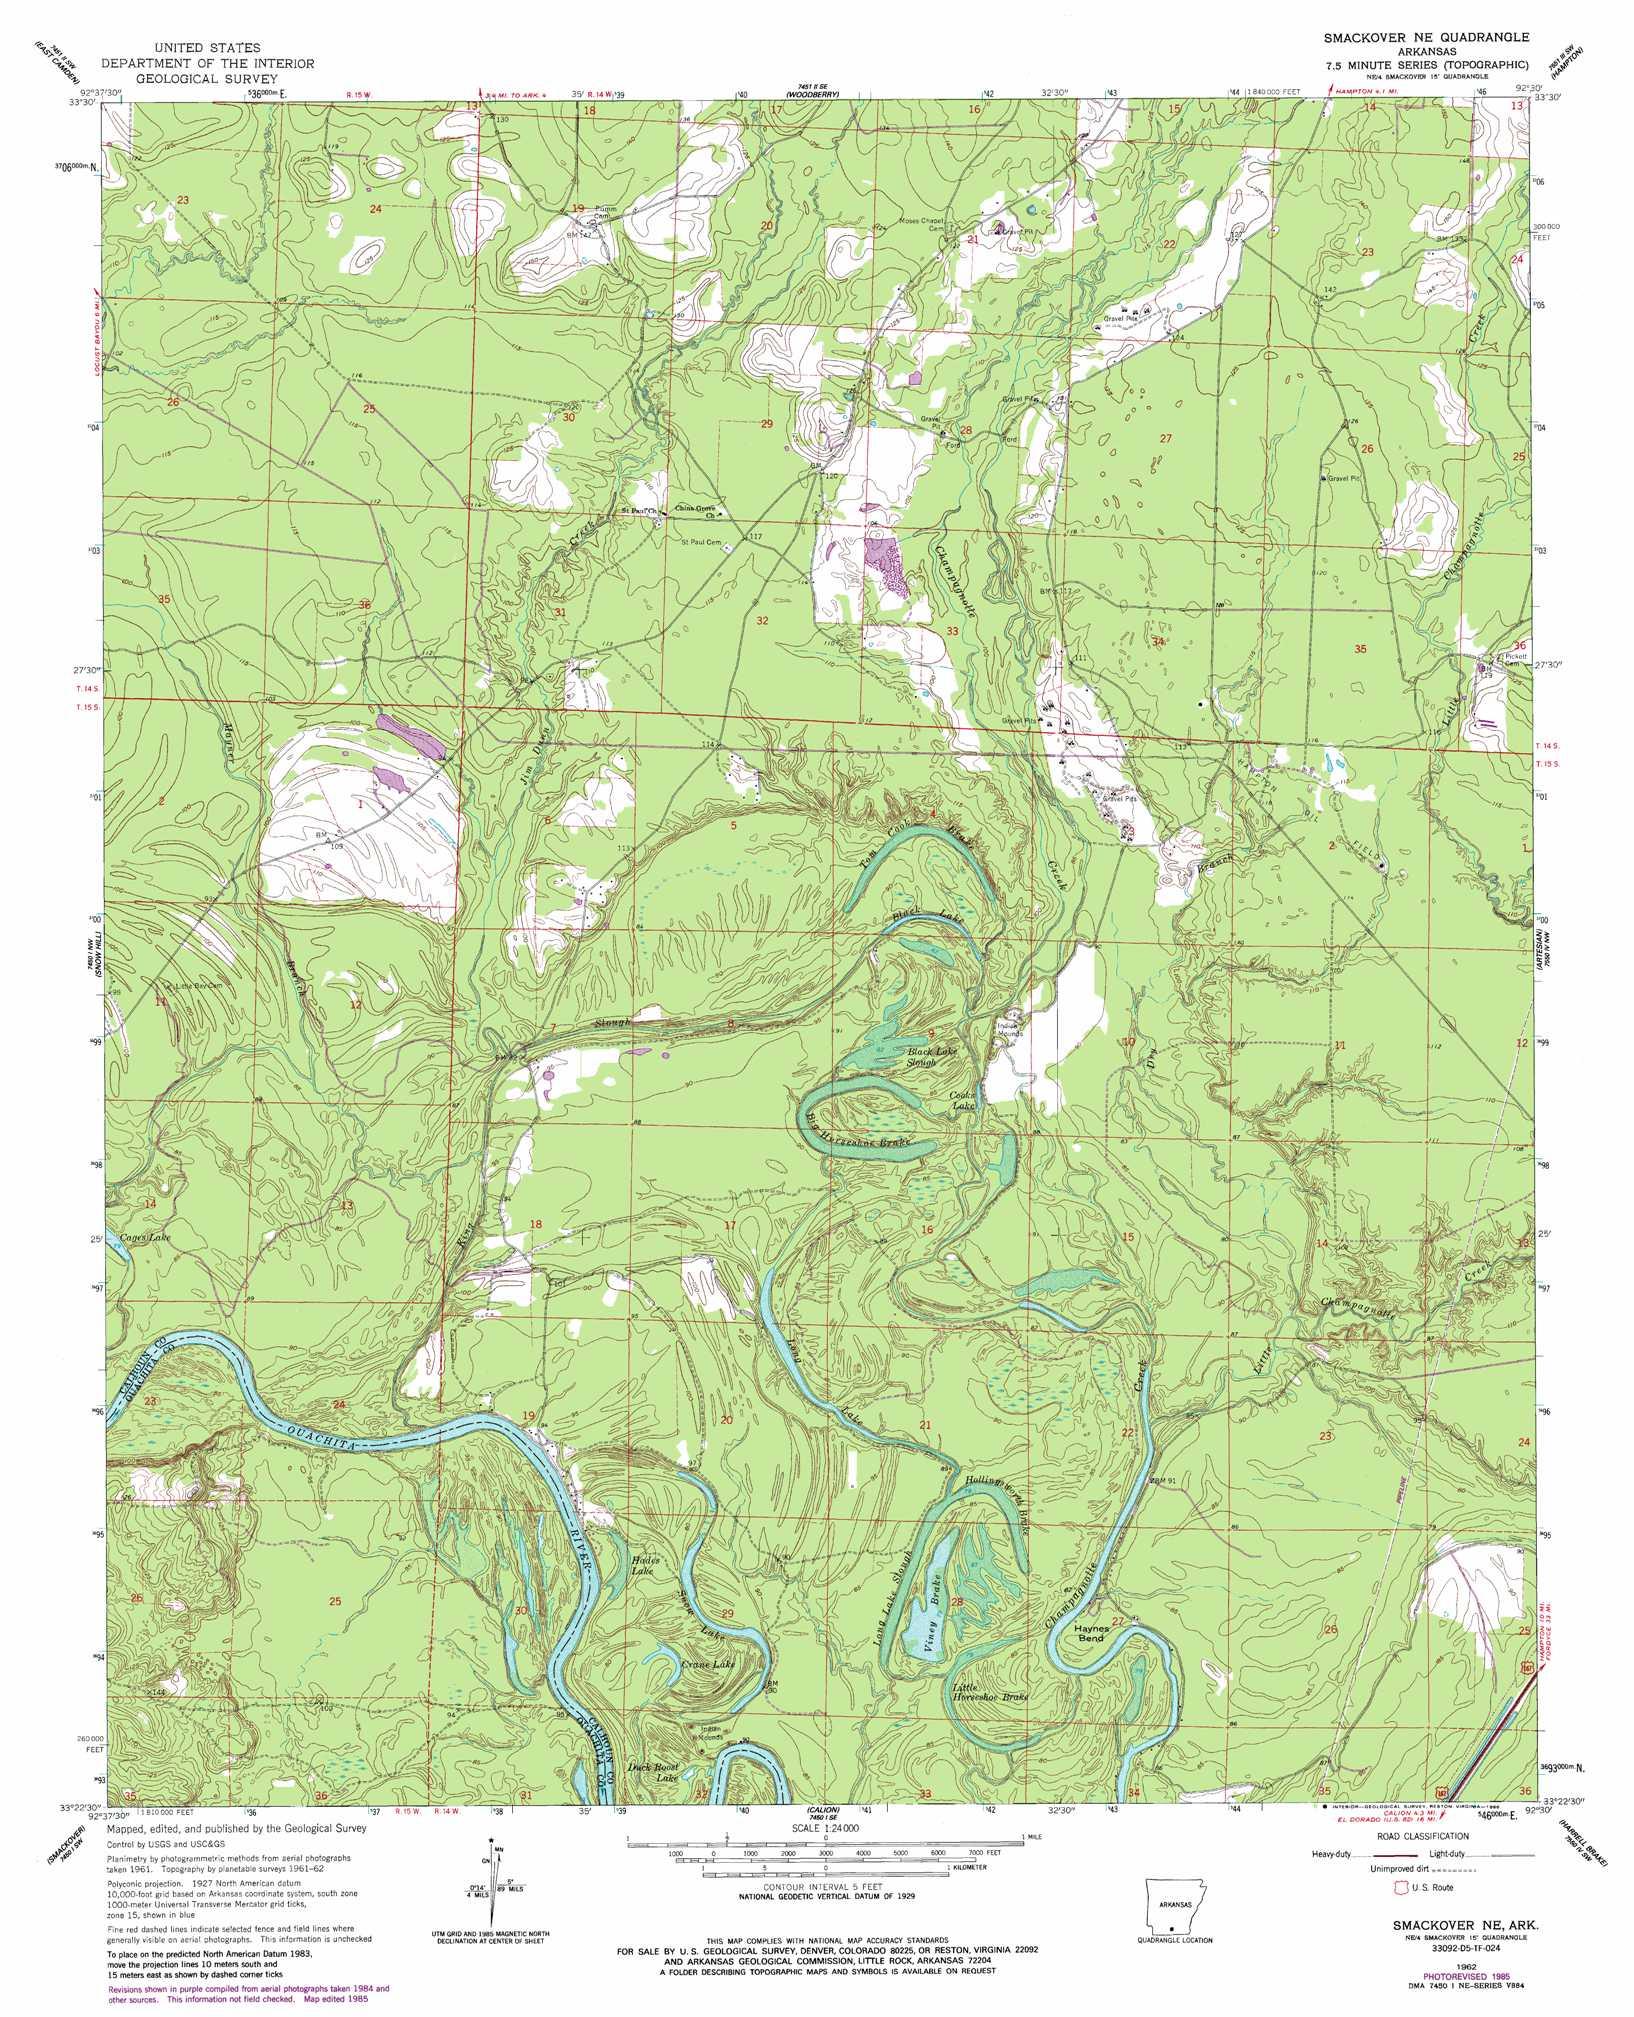 Smackover Ne topographic map, AR - USGS Topo Quad 33092d5